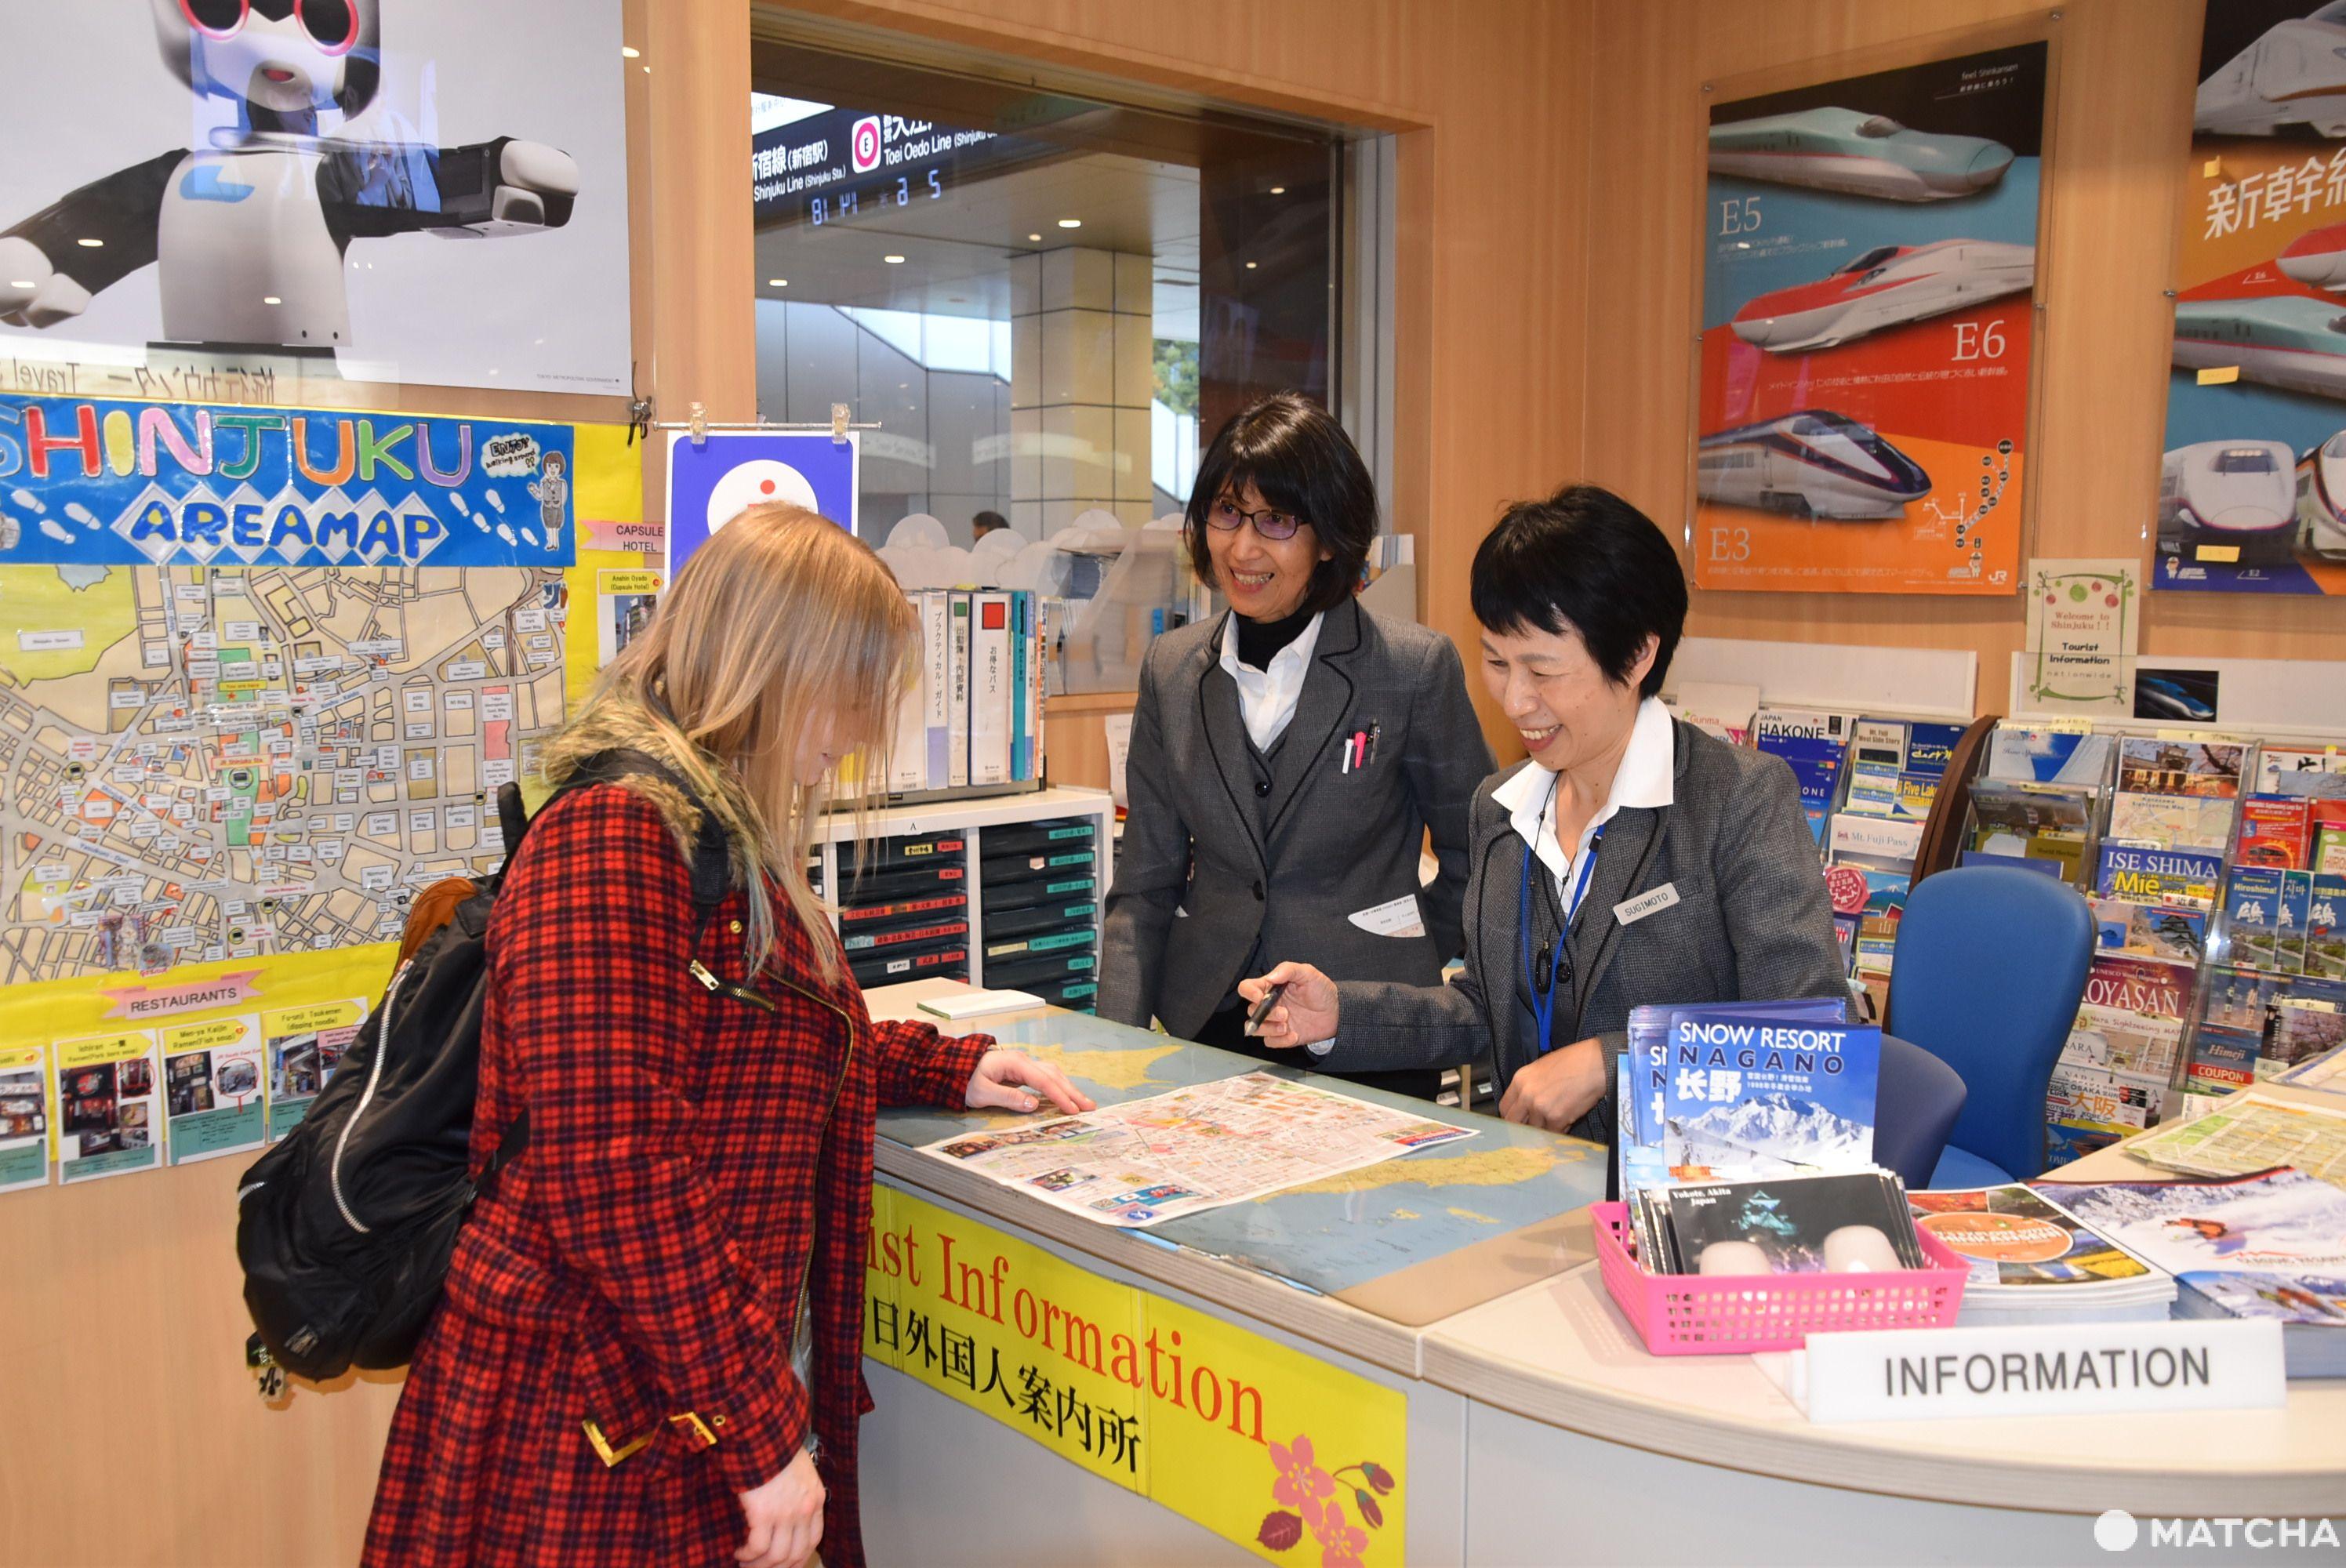 旅行にも買い物にも便利!新宿駅に一番近い外貨両替所